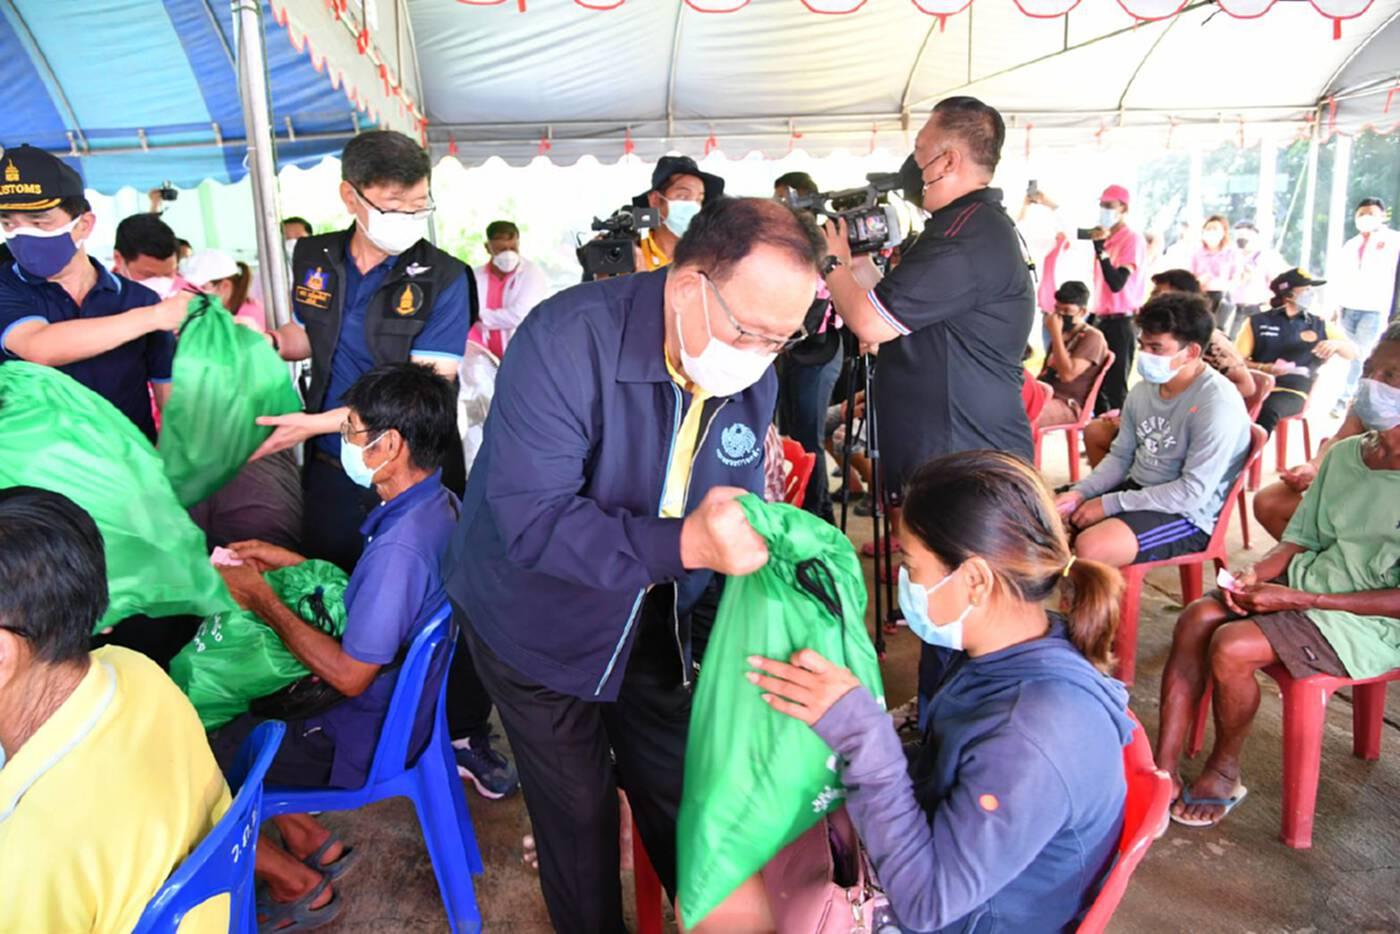 คลังมอบถุงยังชีพแก่ผู้ประสบภัยน้ำท่วมพื้นที่อ่างทอง